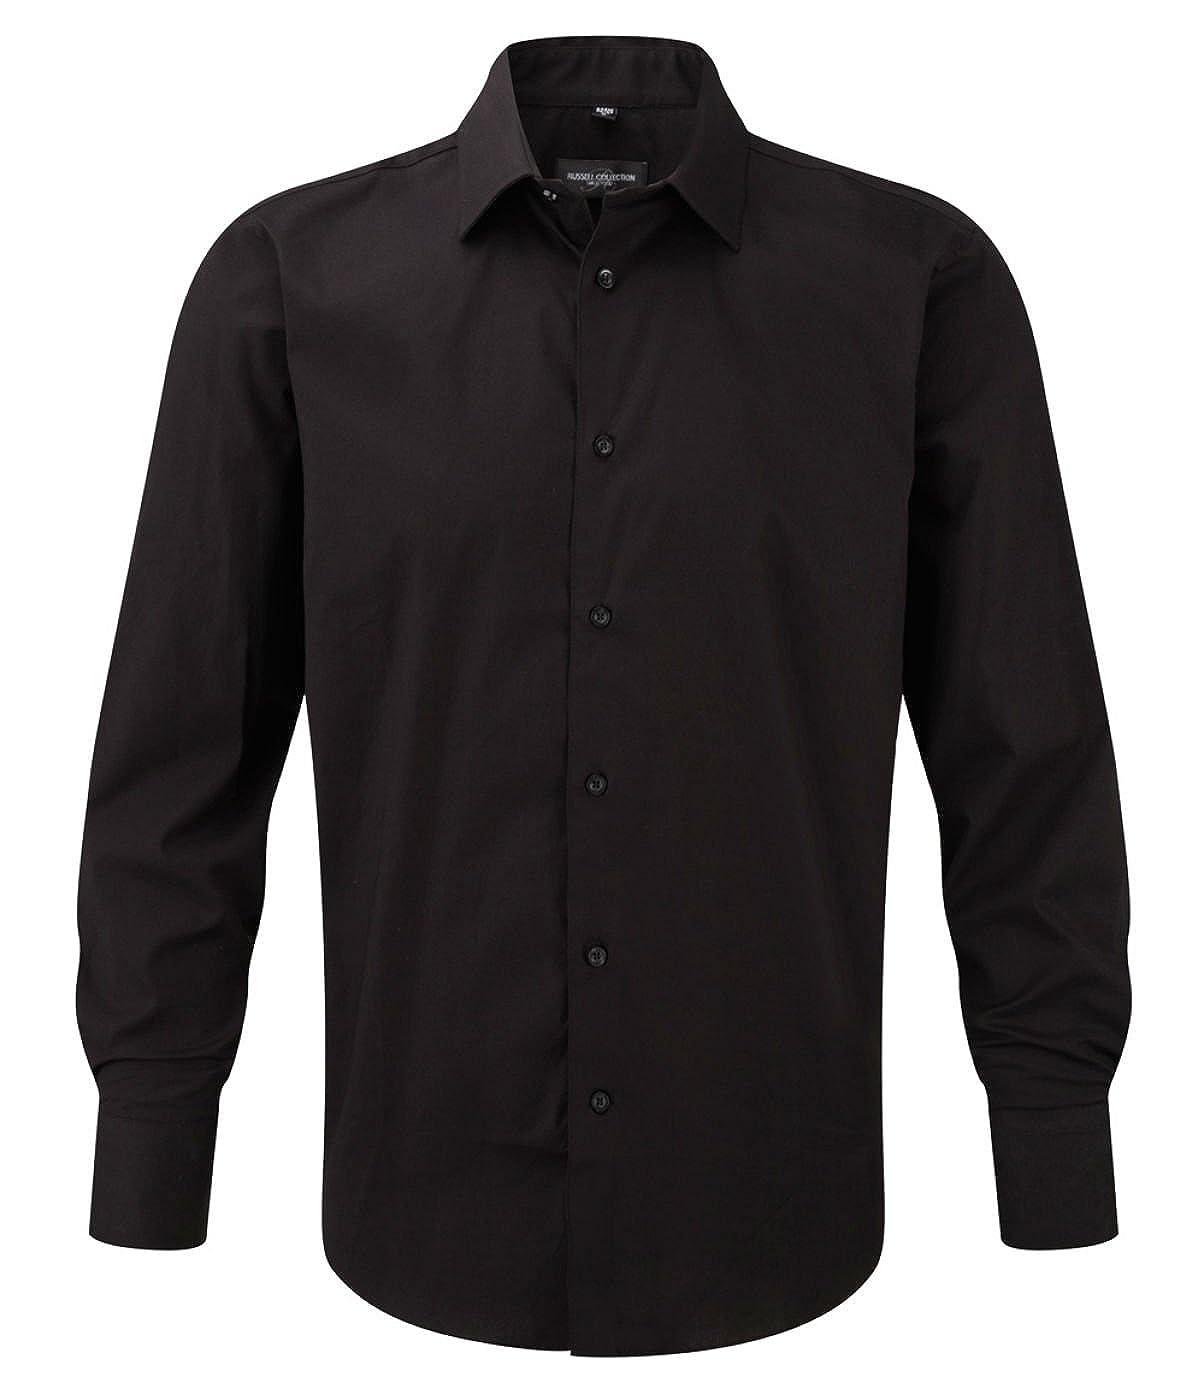 Russell Collection Herren Einfarbig Freizeit-Hemd Gr. XXXXL, Schwarz - Schwarz